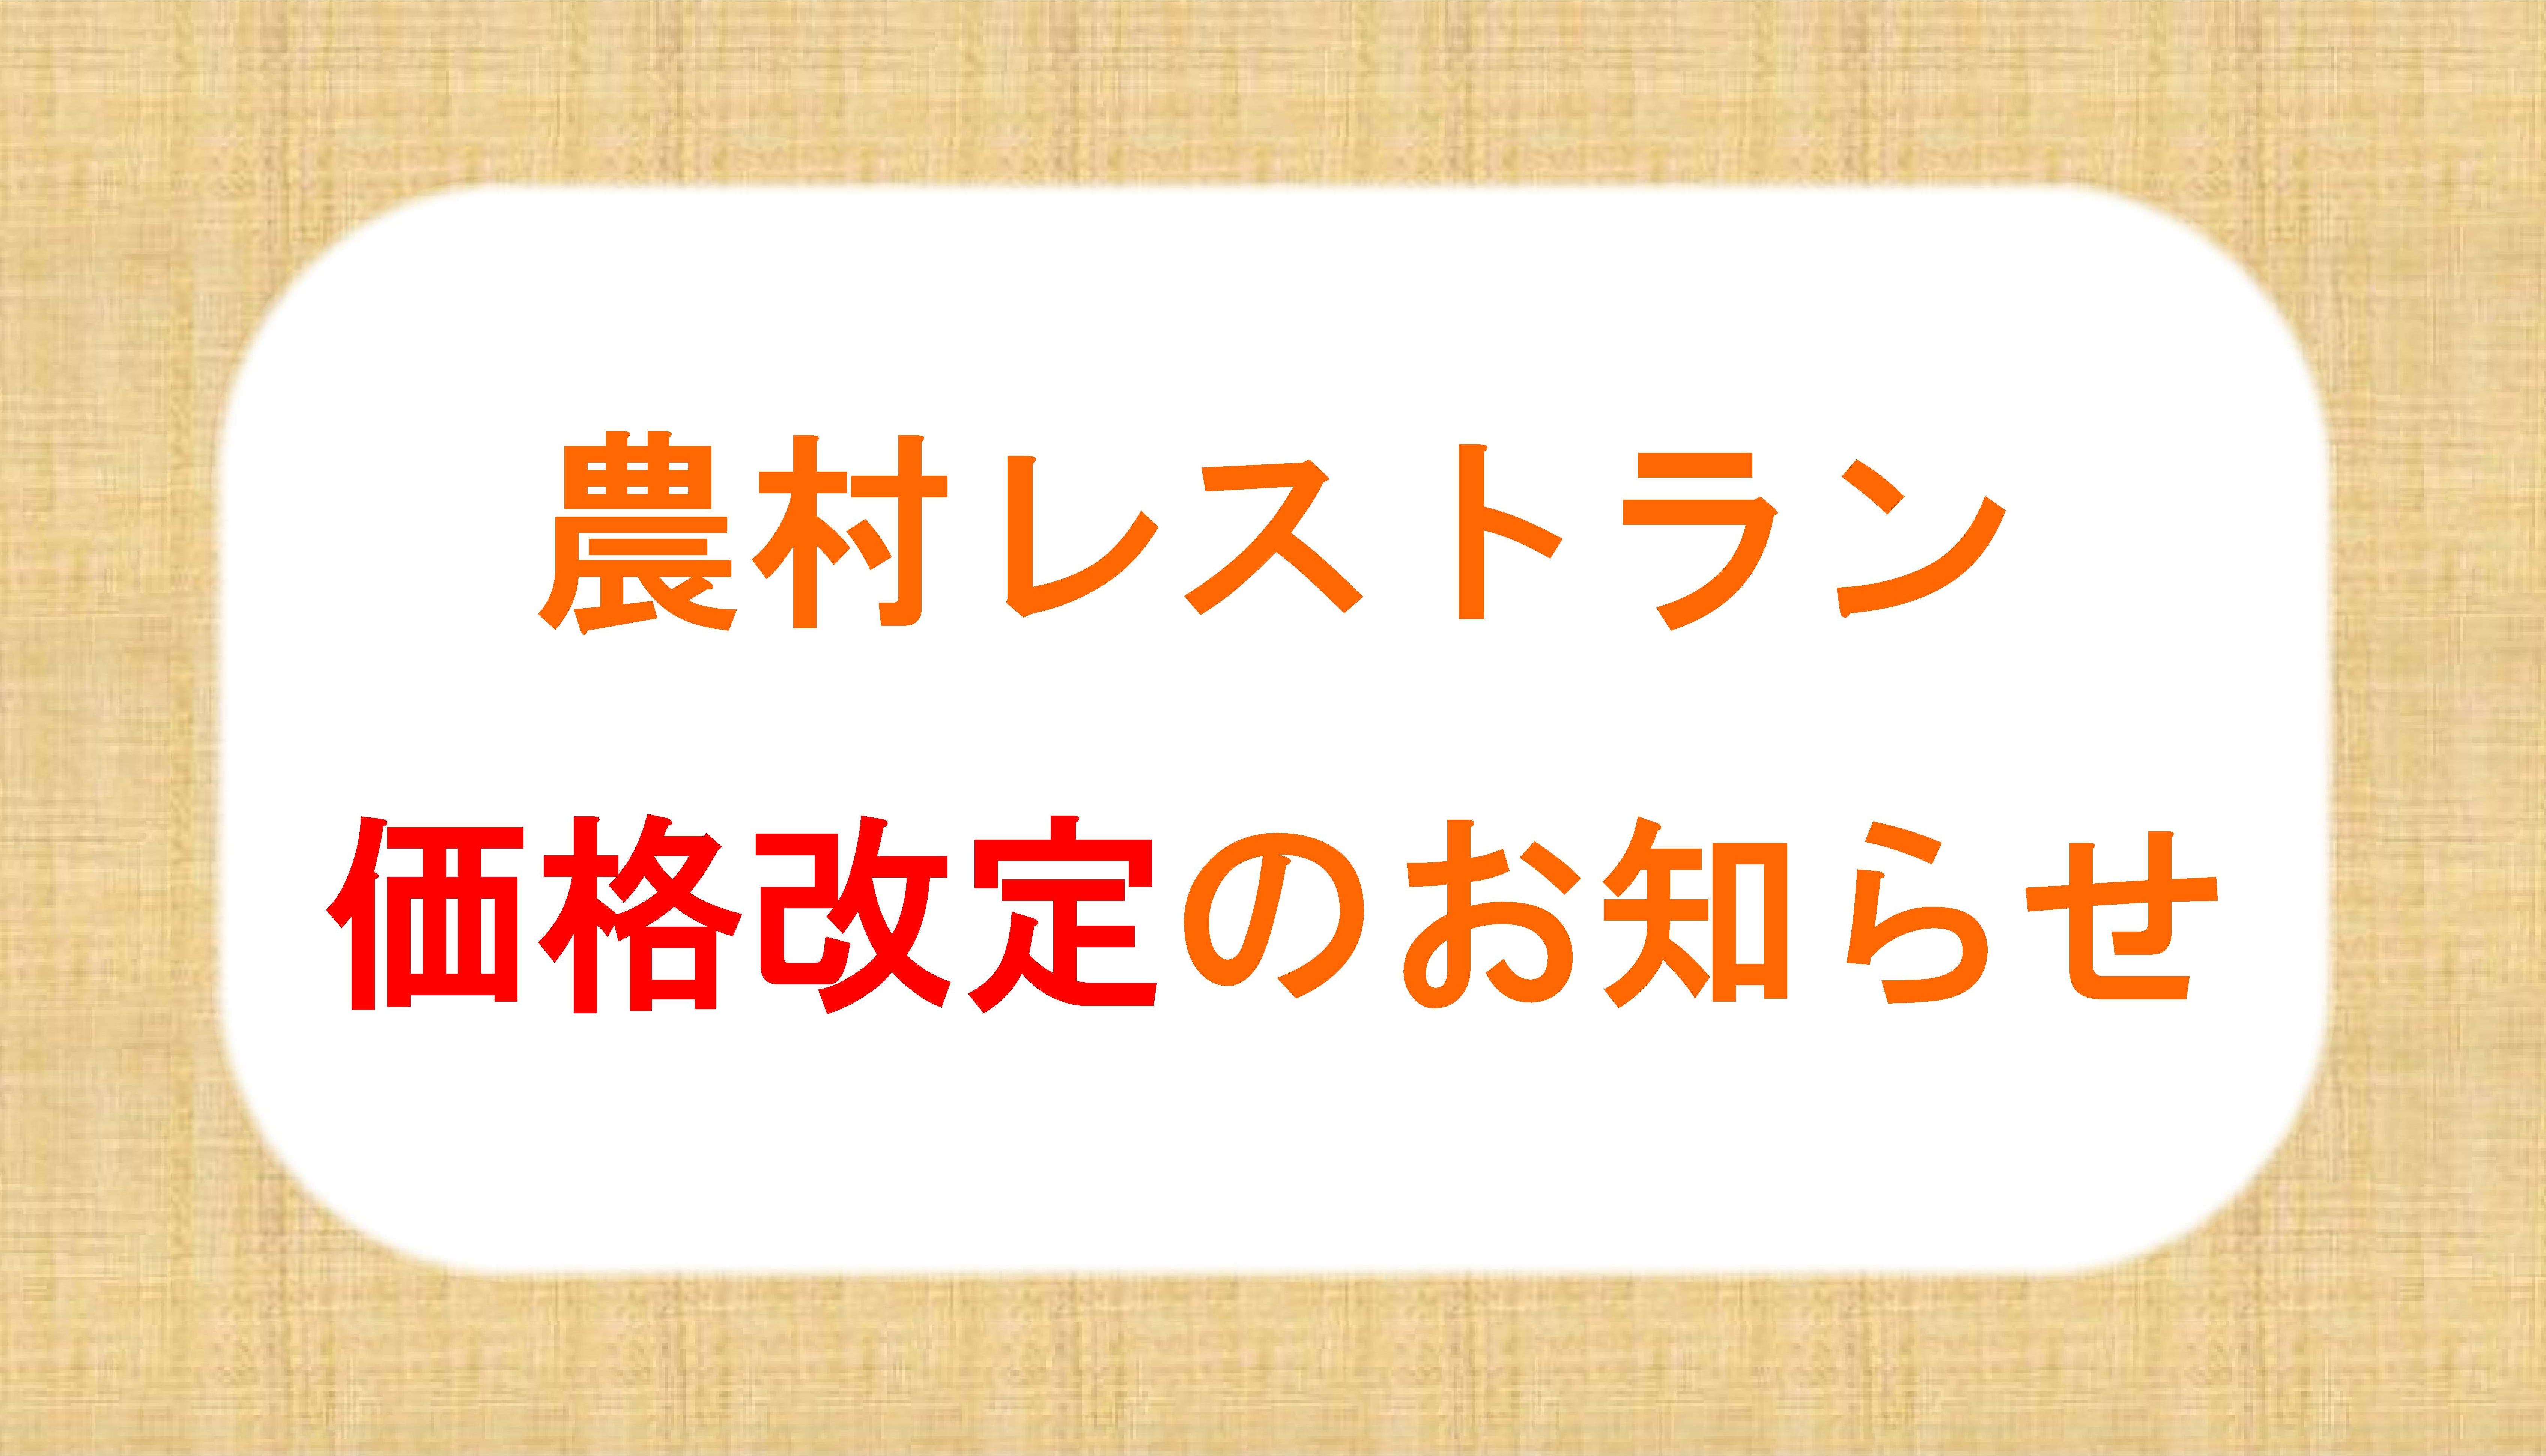 農村レストラン価格改定のお知らせ